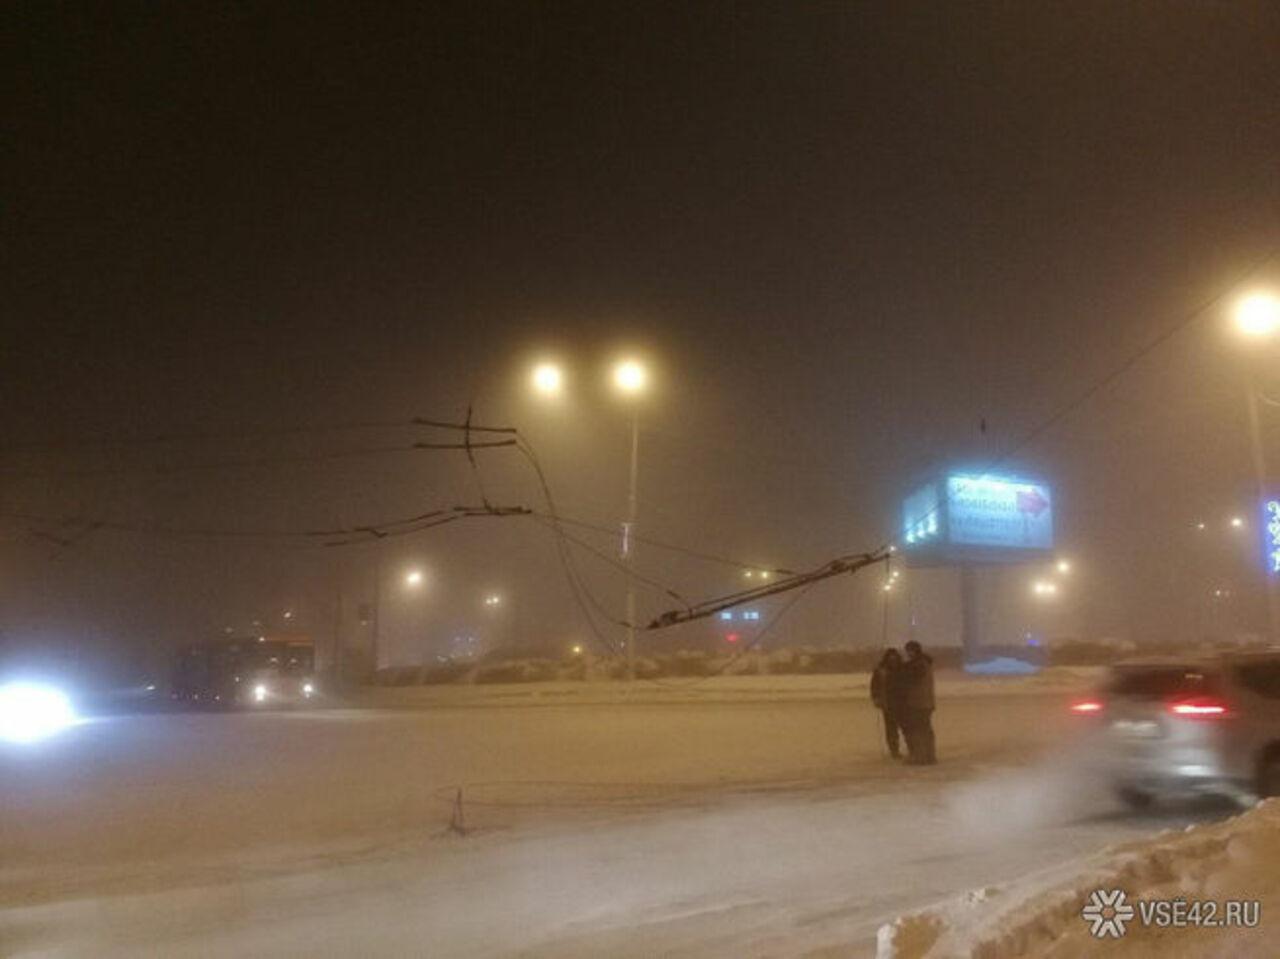 ВКемерове остановились троллейбусы